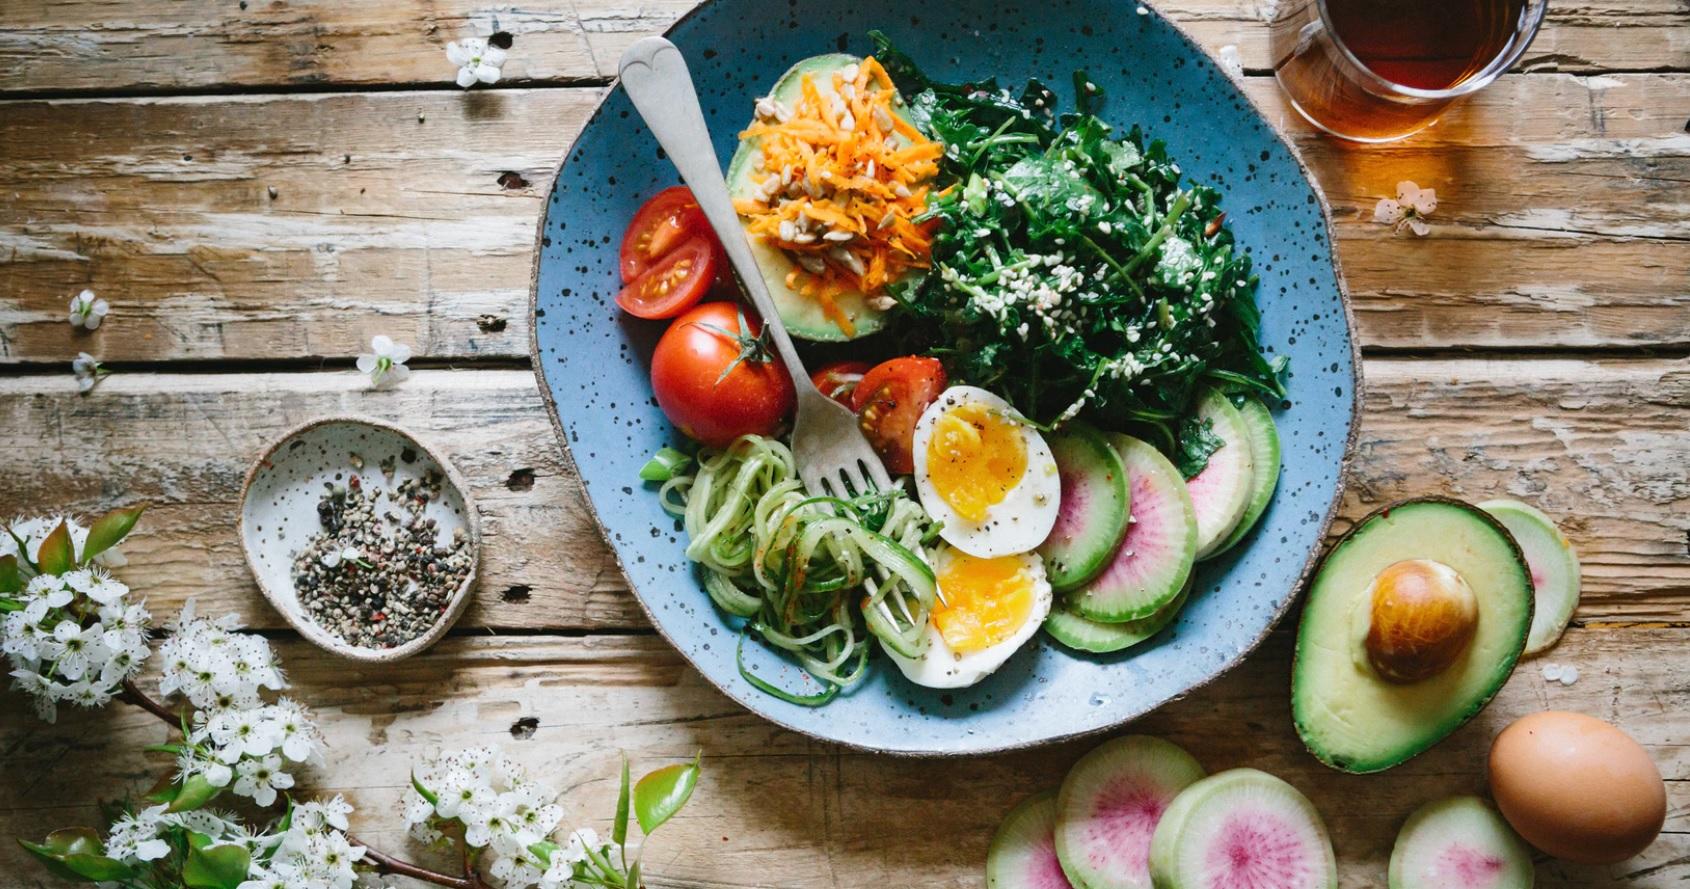 【卡路里】減肥淨係睇熱量?營養師教你5大健康飲食秘技!